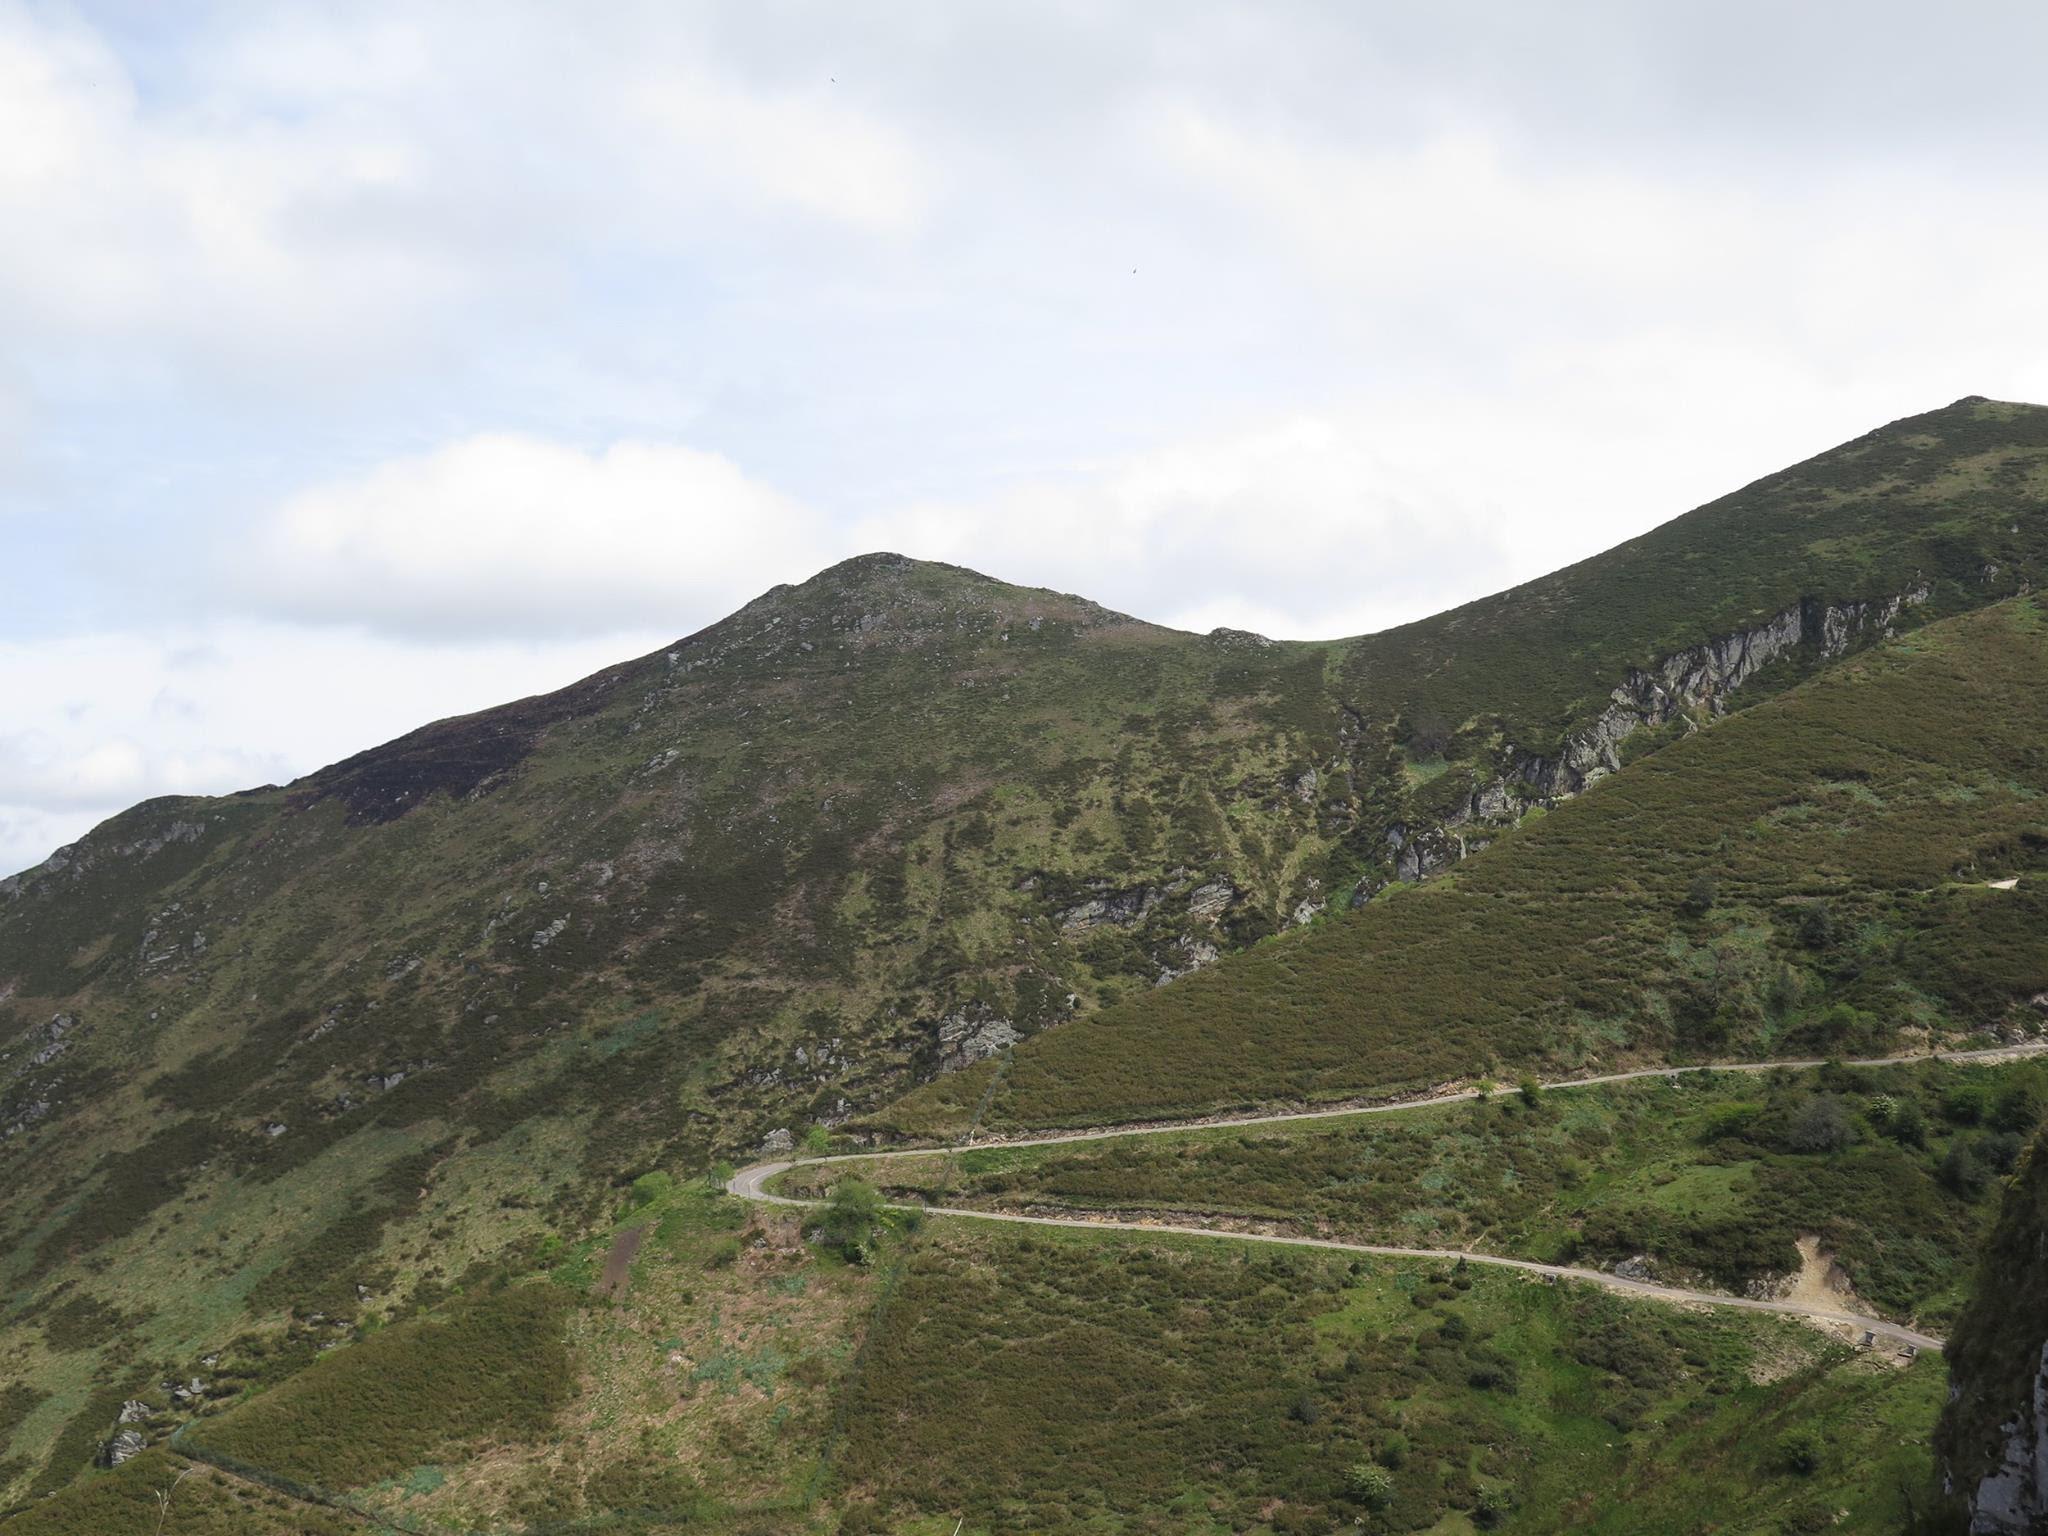 2017.05.2 y3 - Viaje Covadonga Sector Hnos. Mayores (20)